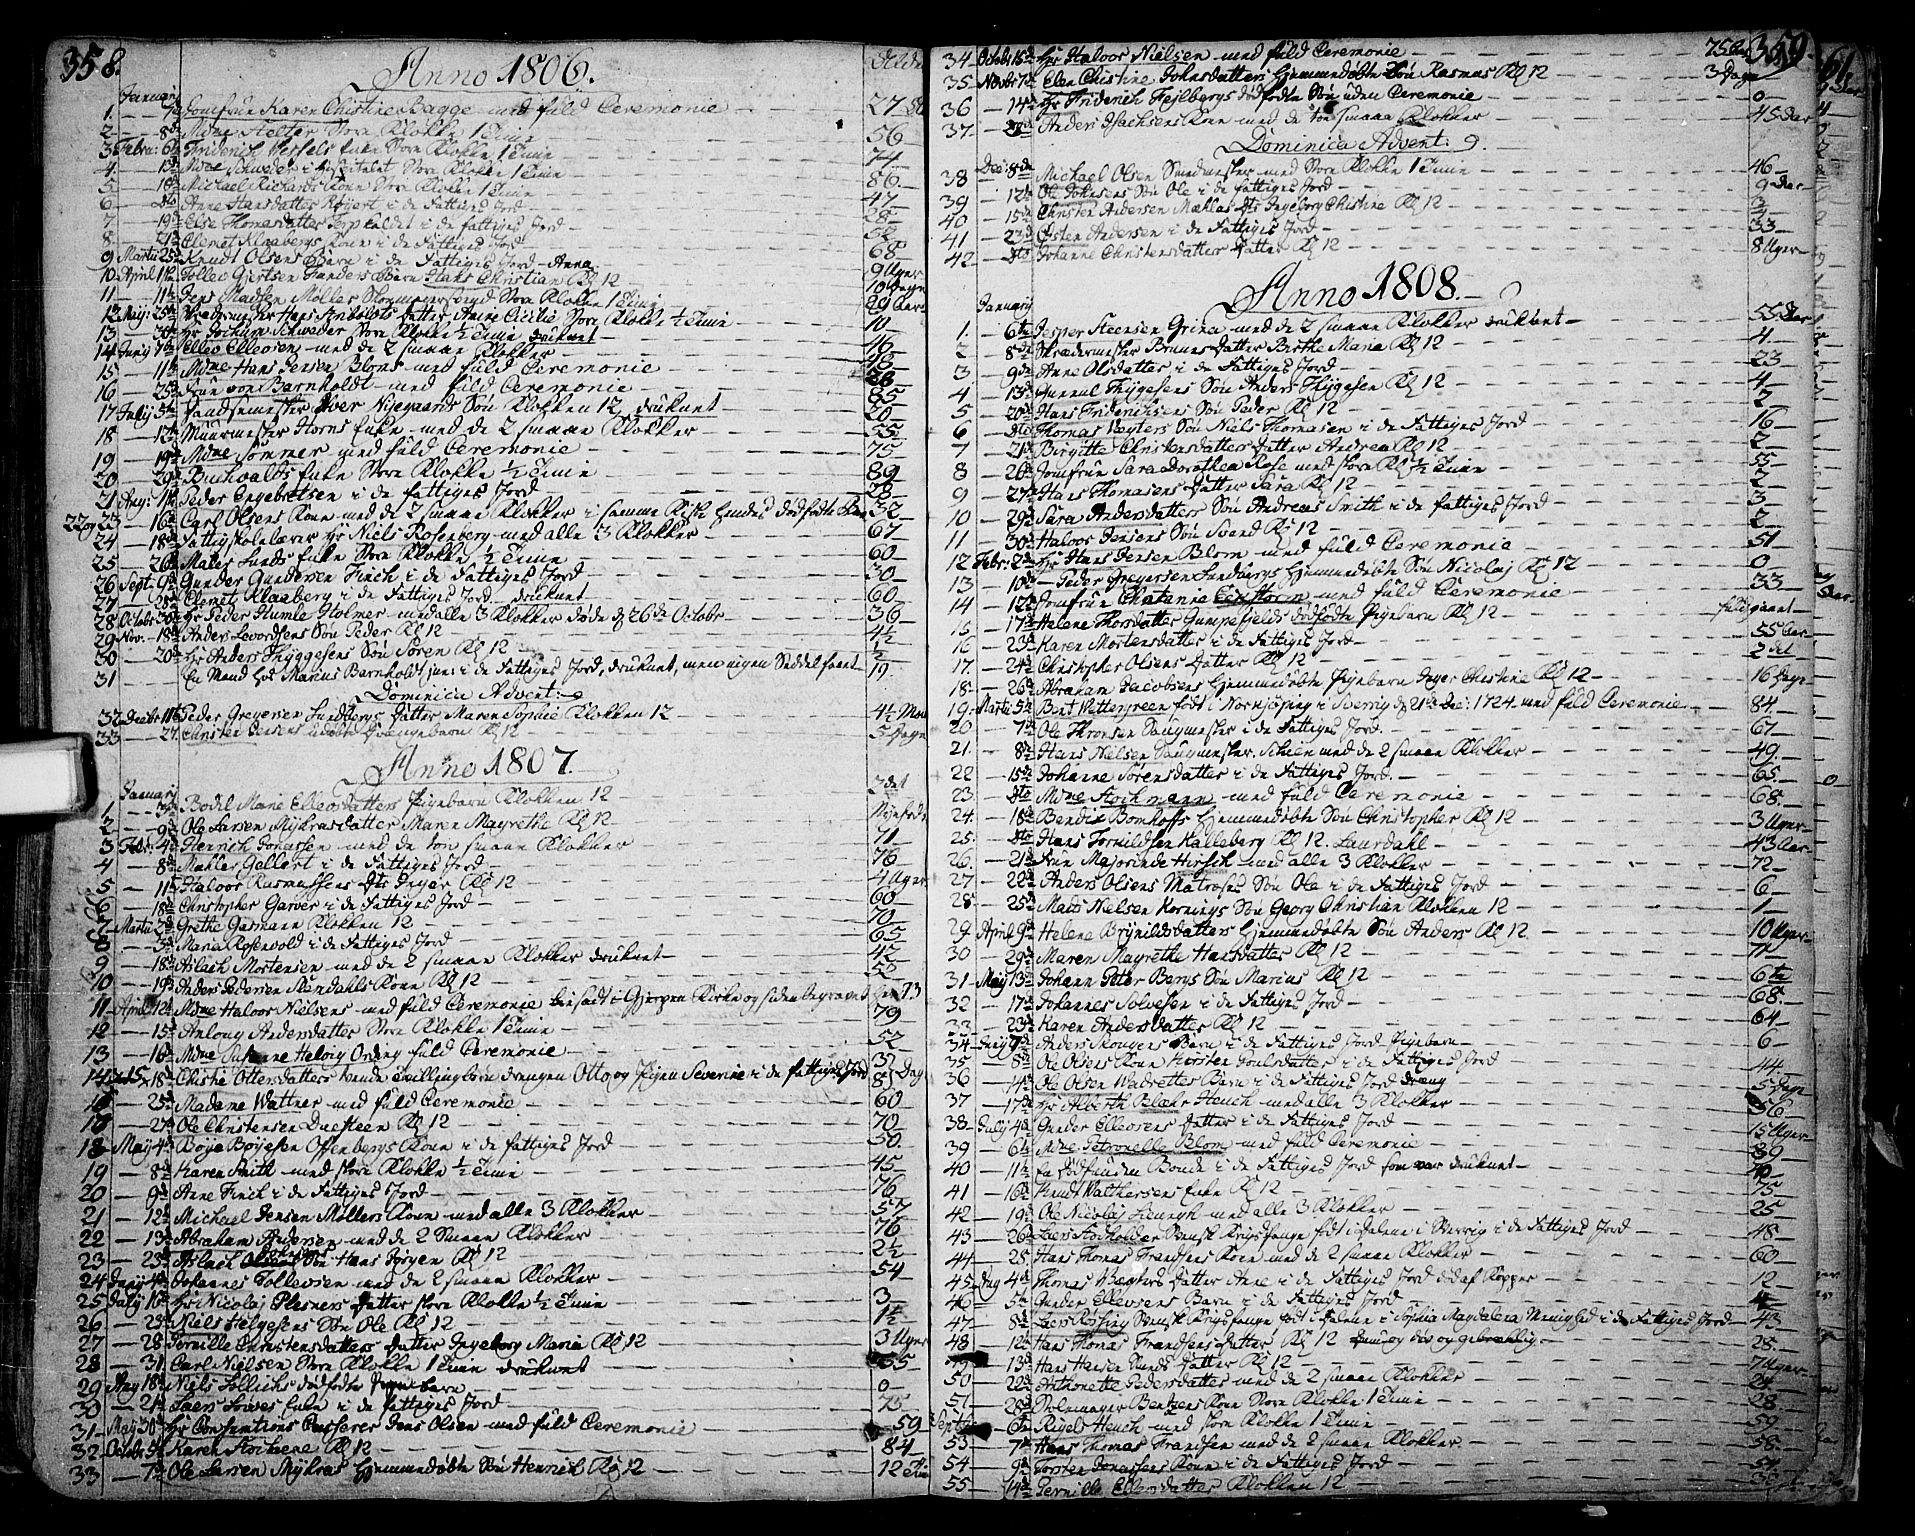 SAKO, Skien kirkebøker, F/Fa/L0004: Ministerialbok nr. 4, 1792-1814, s. 358-359